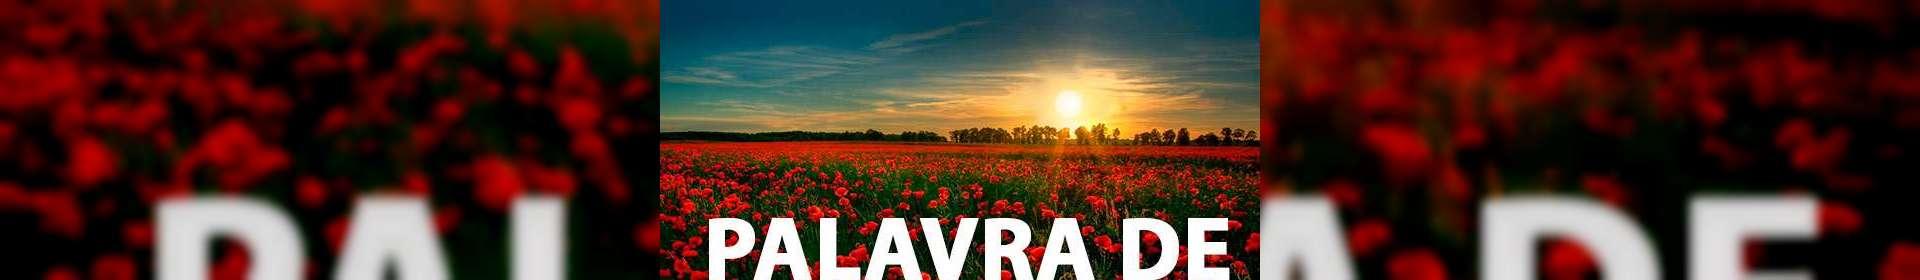 Salmos 19:7 - Uma Palavra de Esperança para sua vida